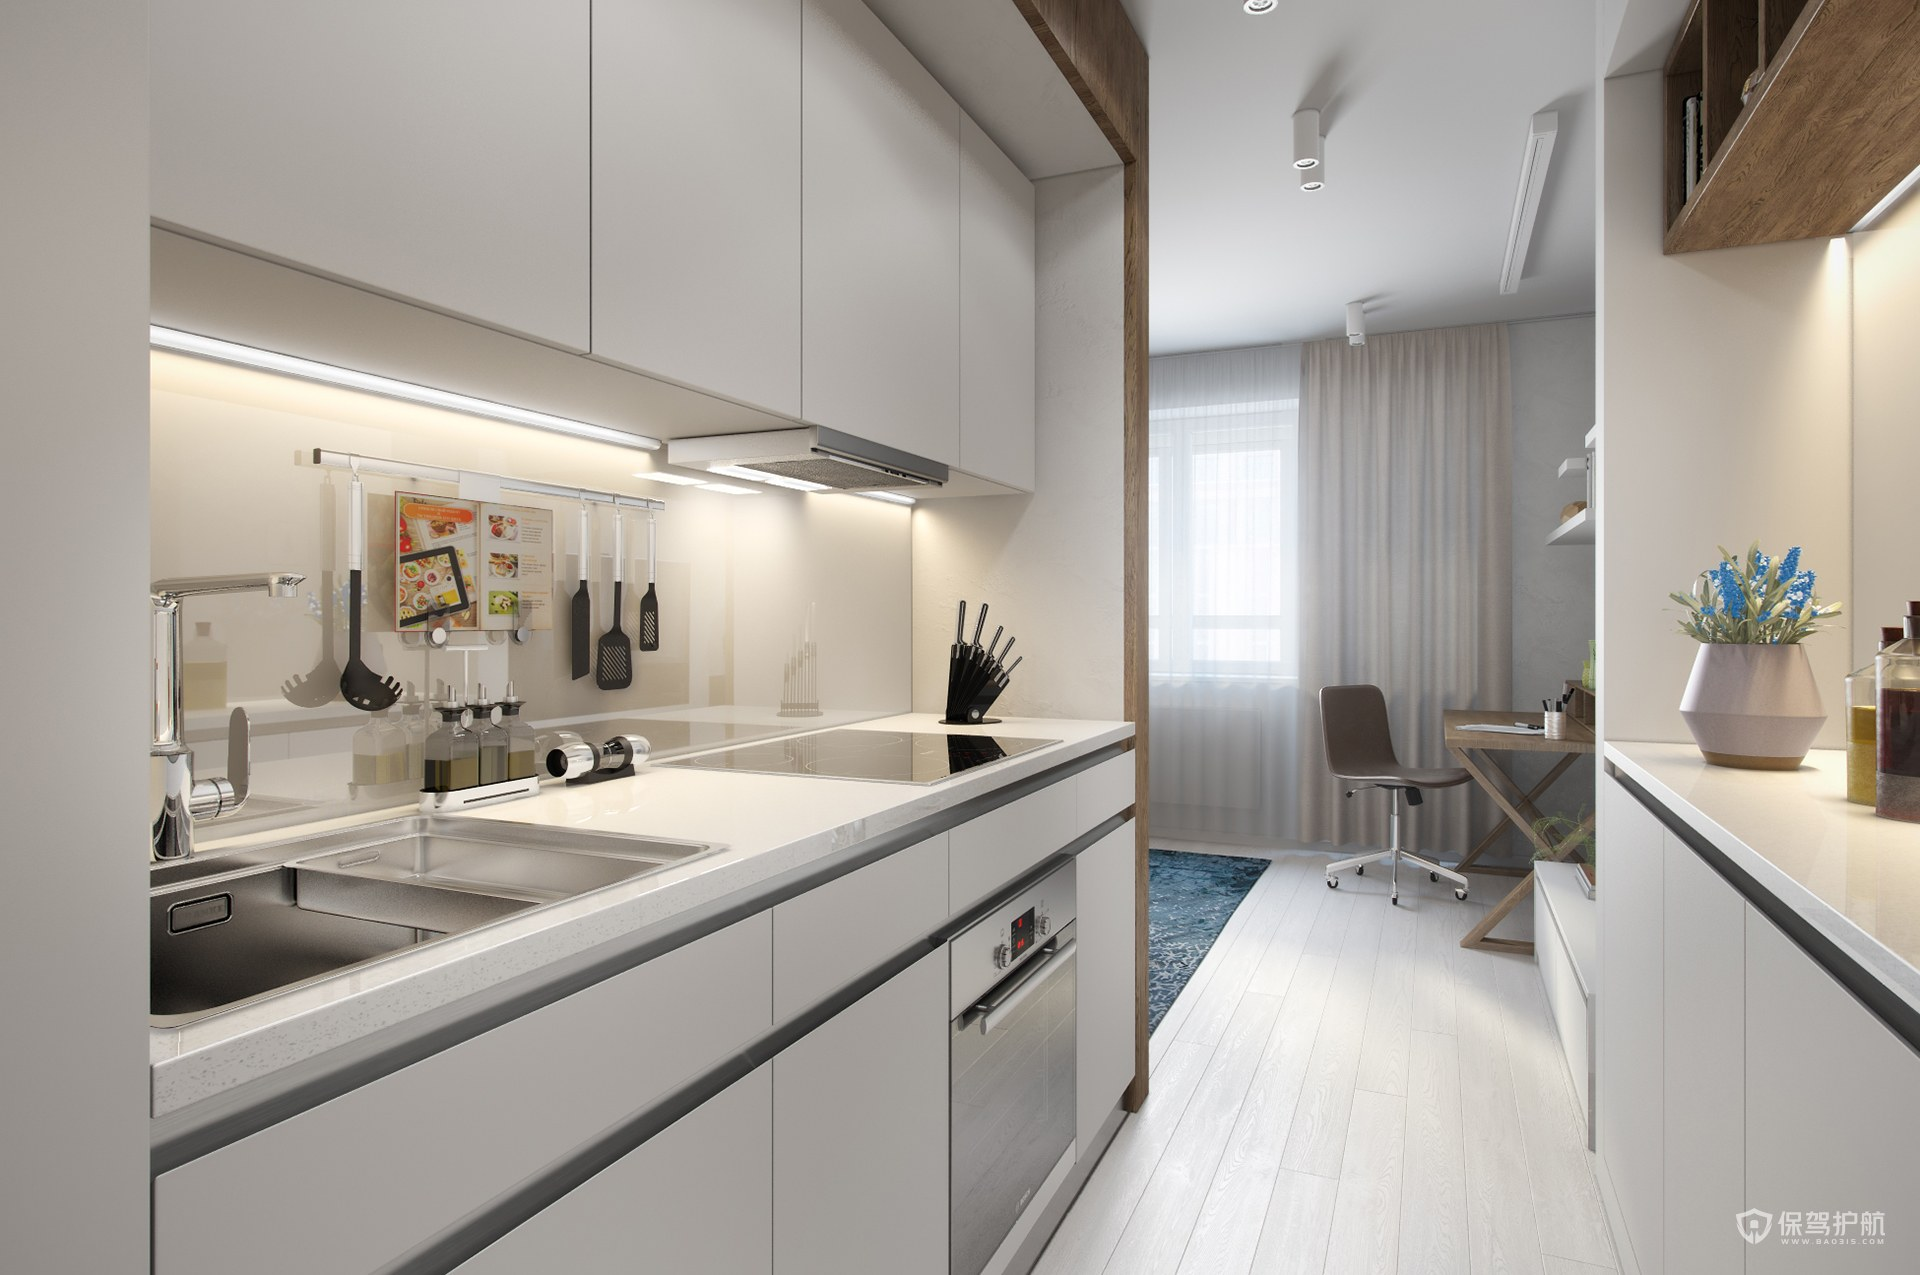 50平简约风公寓厨房亚搏体育平台app效果图